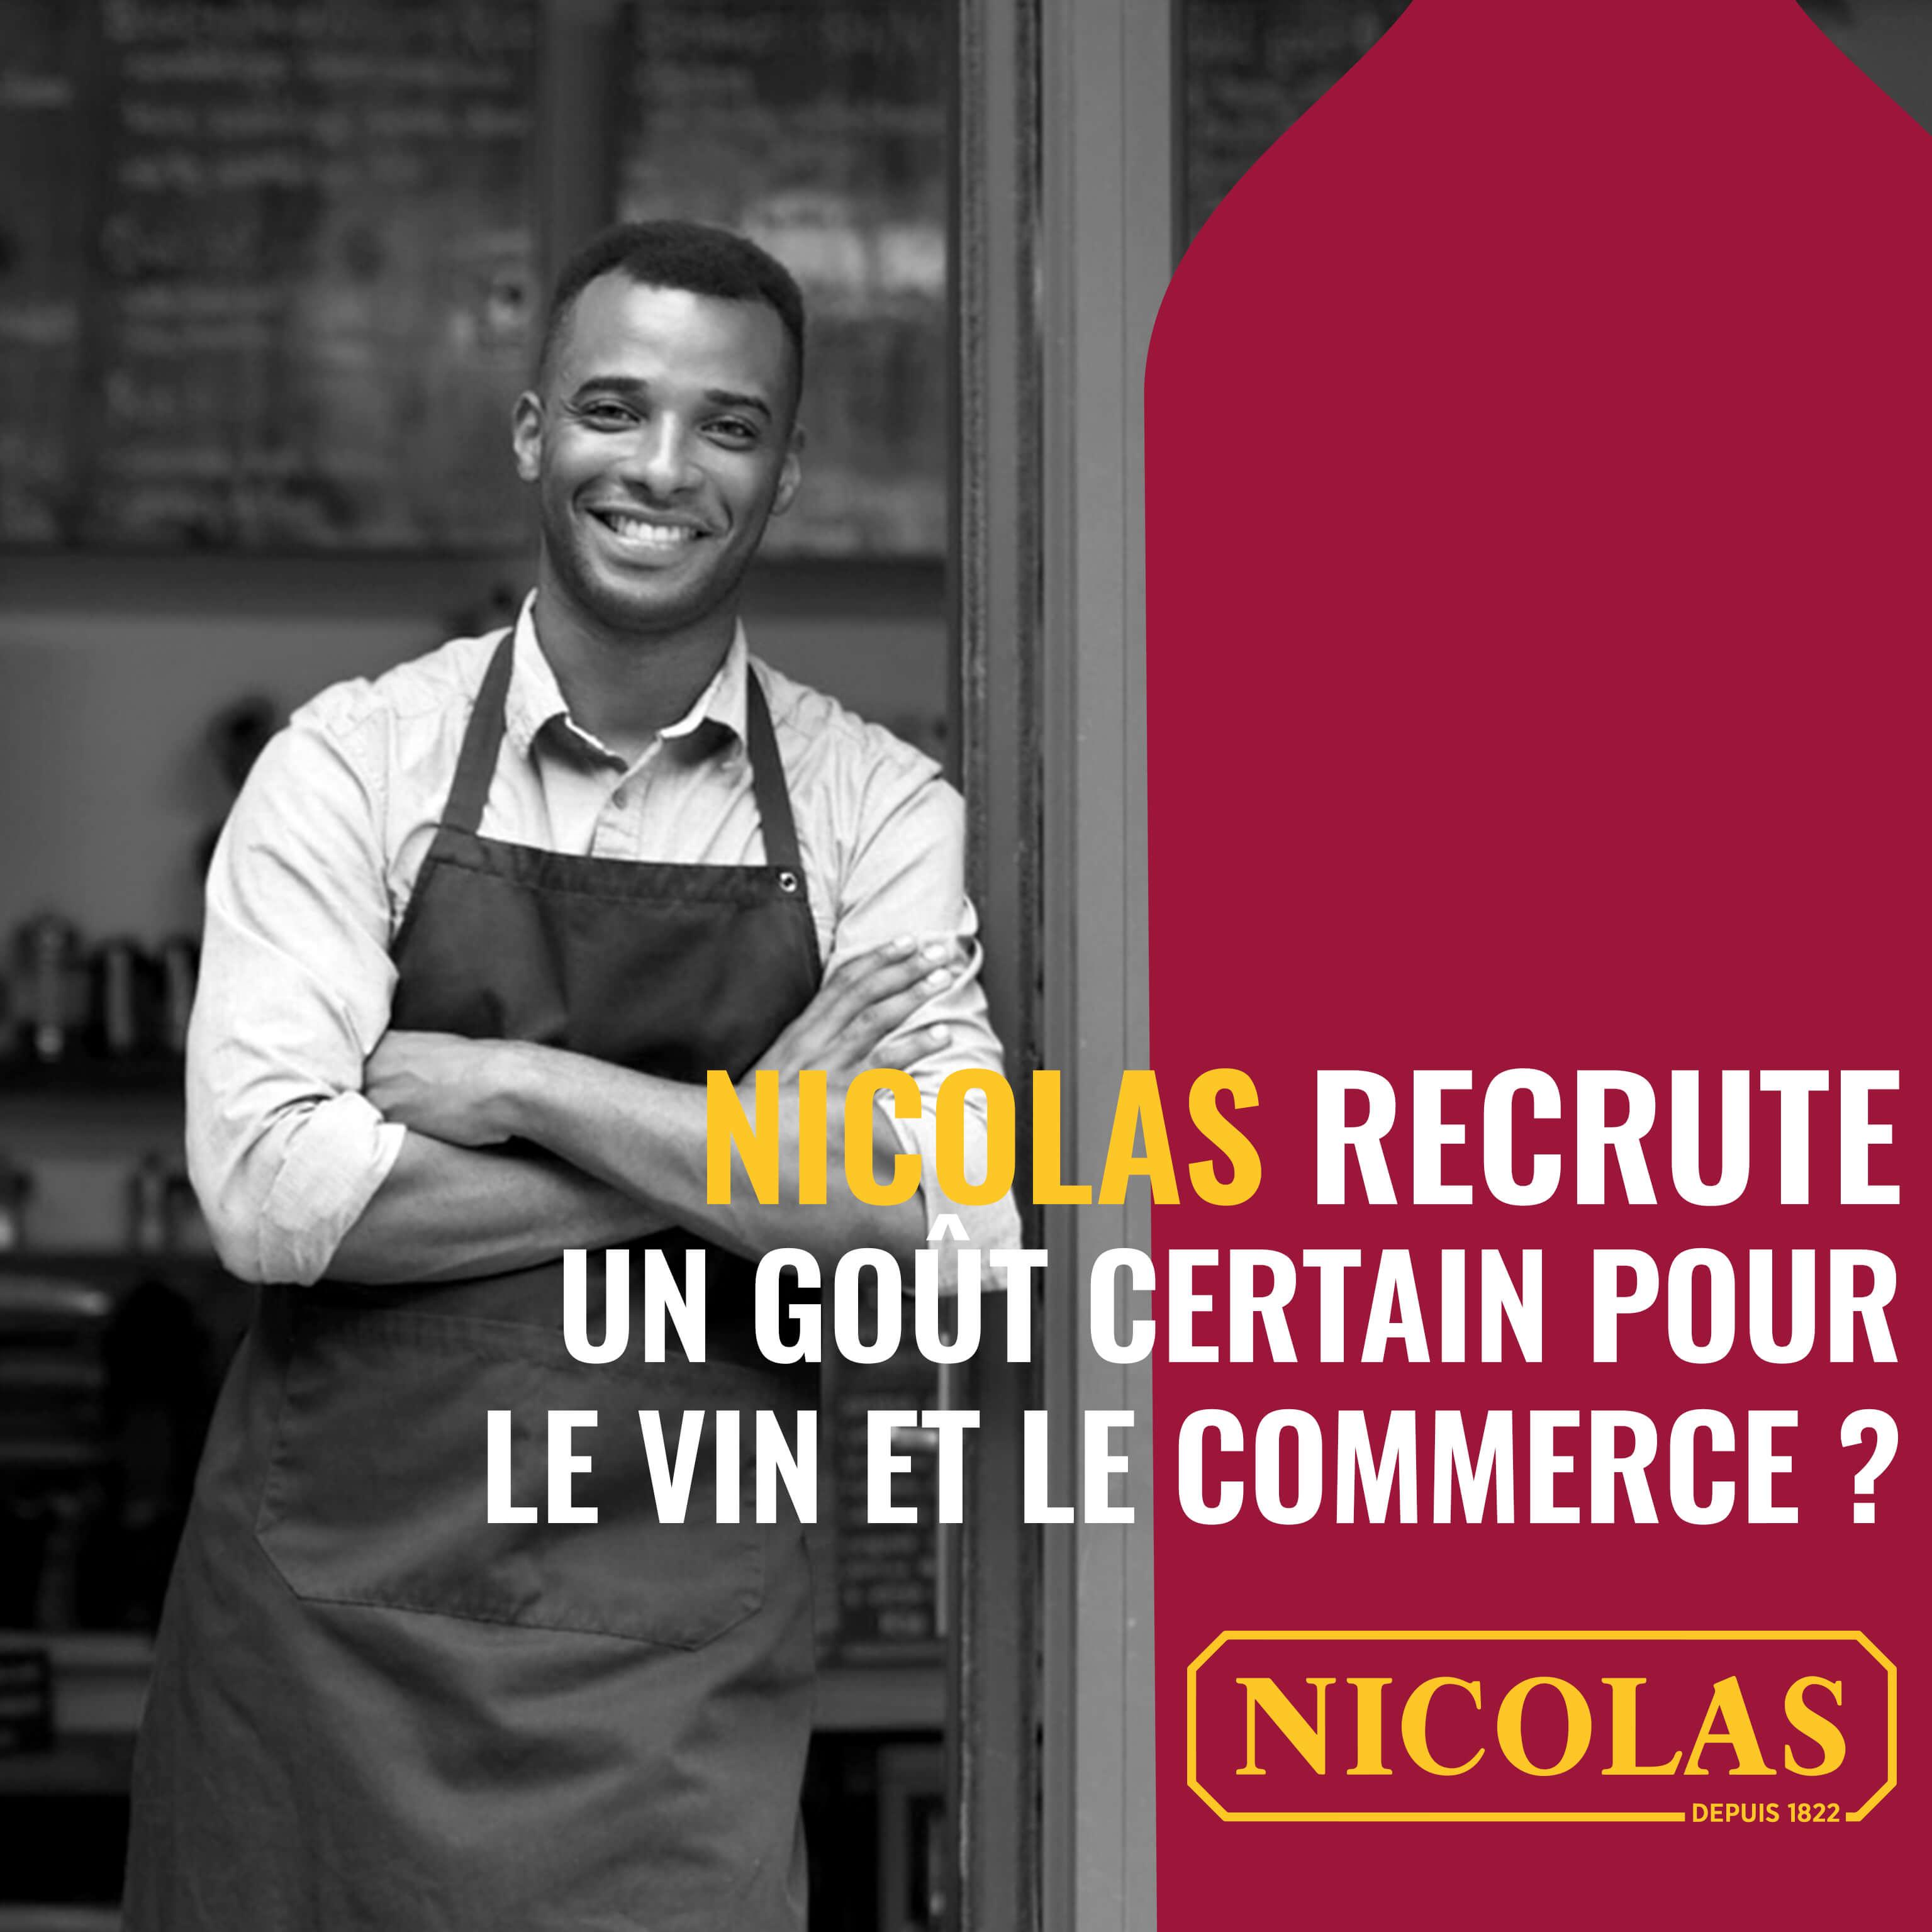 NICOLAS recrute